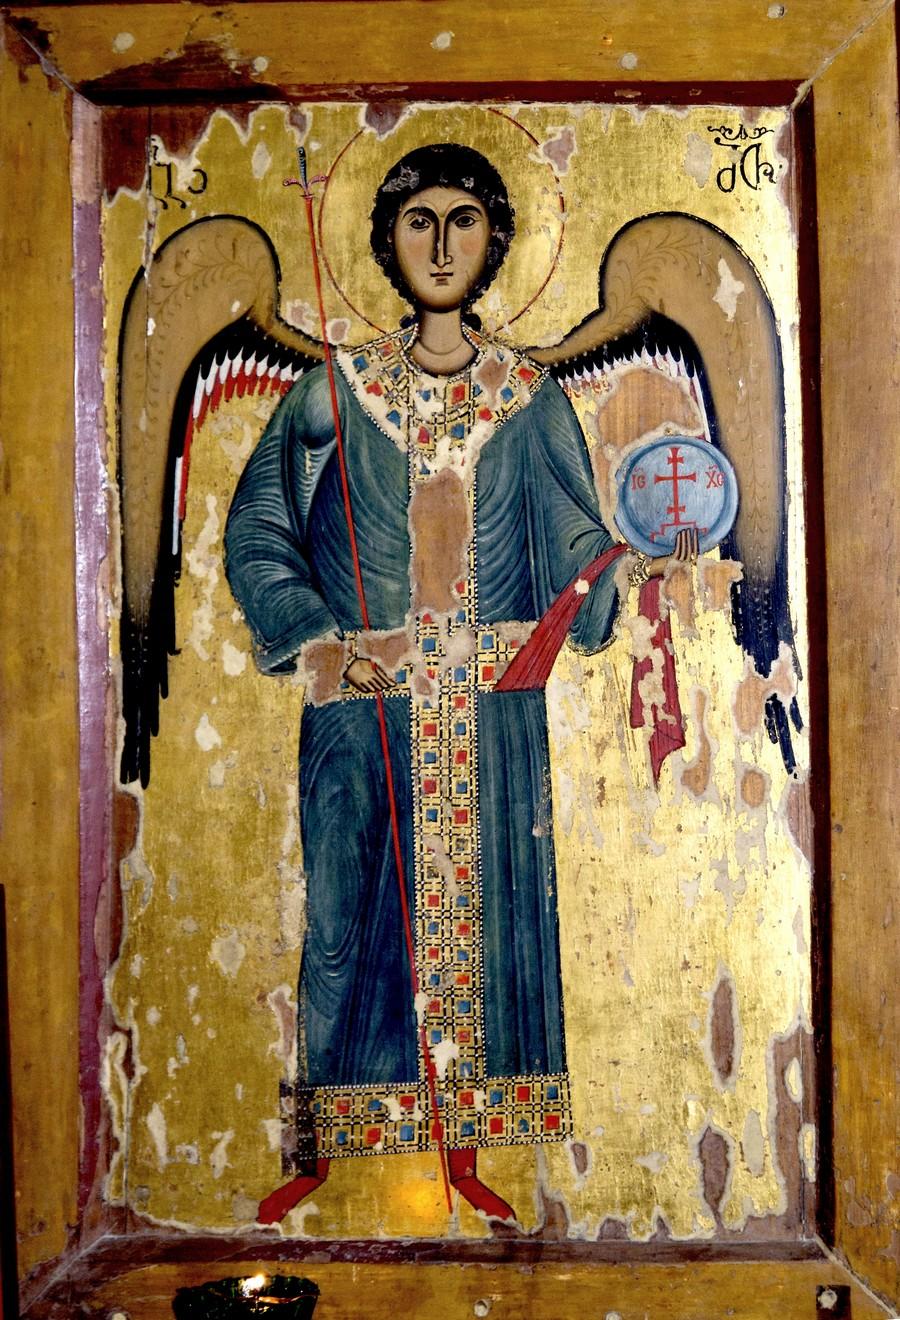 Архангел Гавриил. Грузинская икона XIV века. Сванетия.